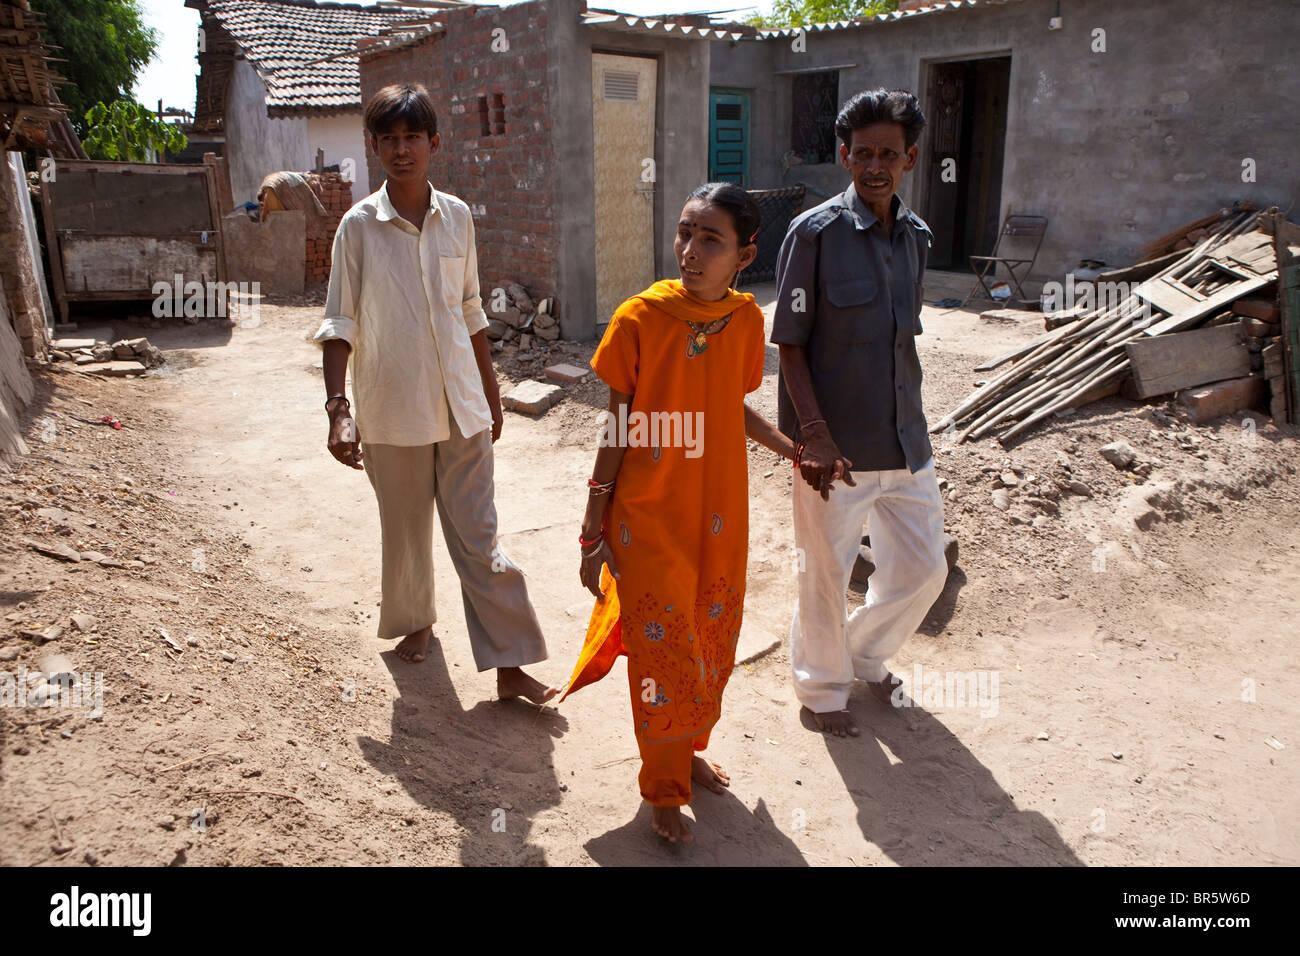 Hansa, die taub und blind ist durchschreitet ihr Dorf, begleitet von ihrem Vater und Bruder. Stockbild